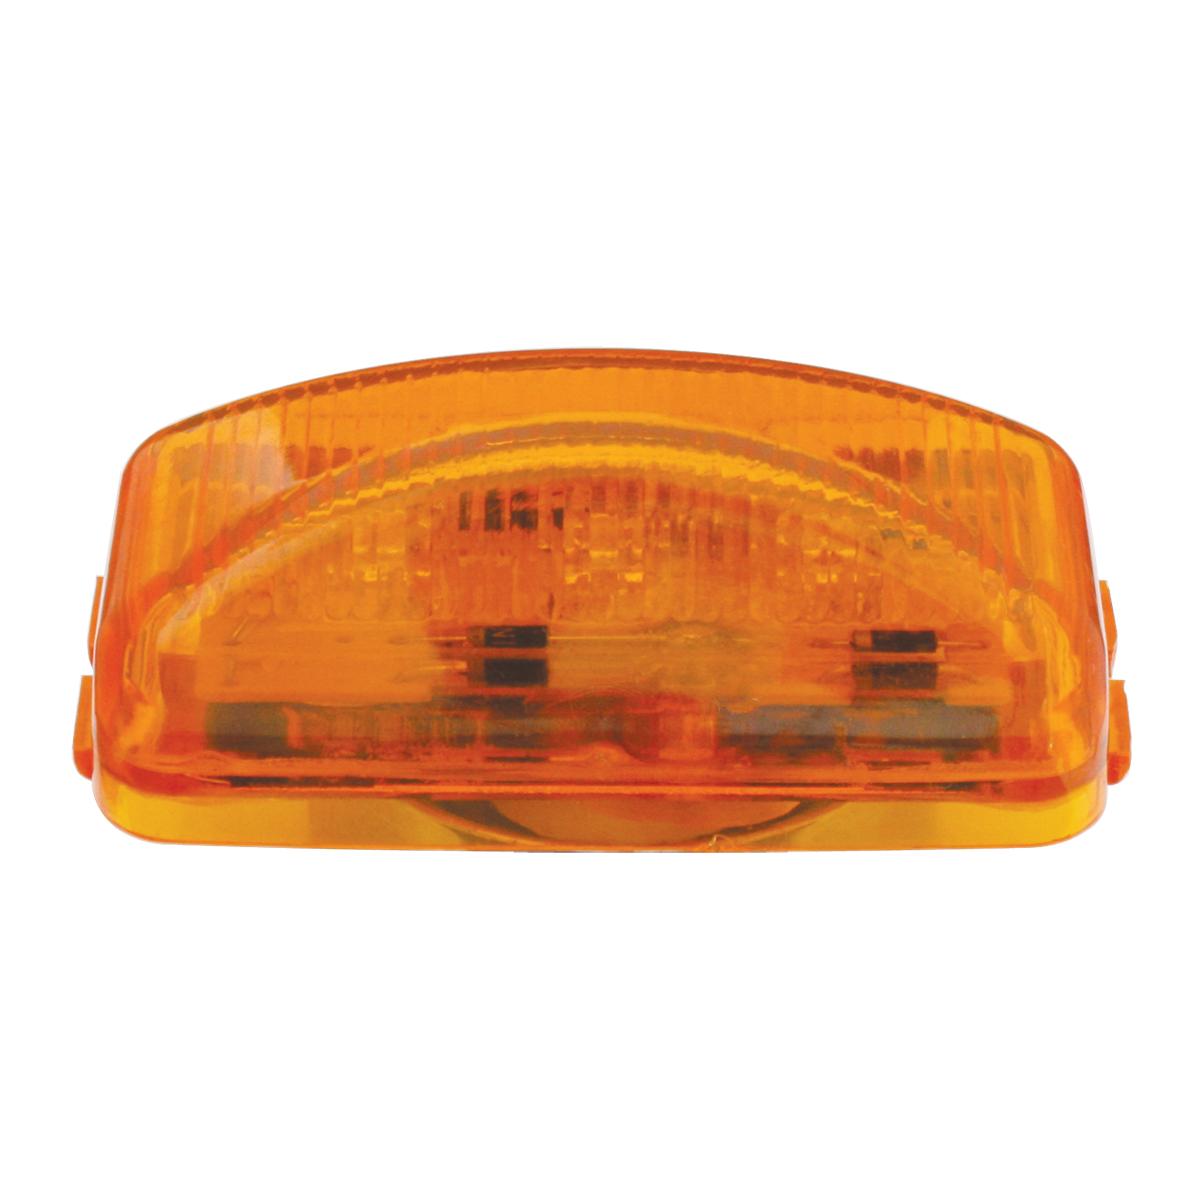 87640 Small Rectangular LED Marker Light in Amber/Amber